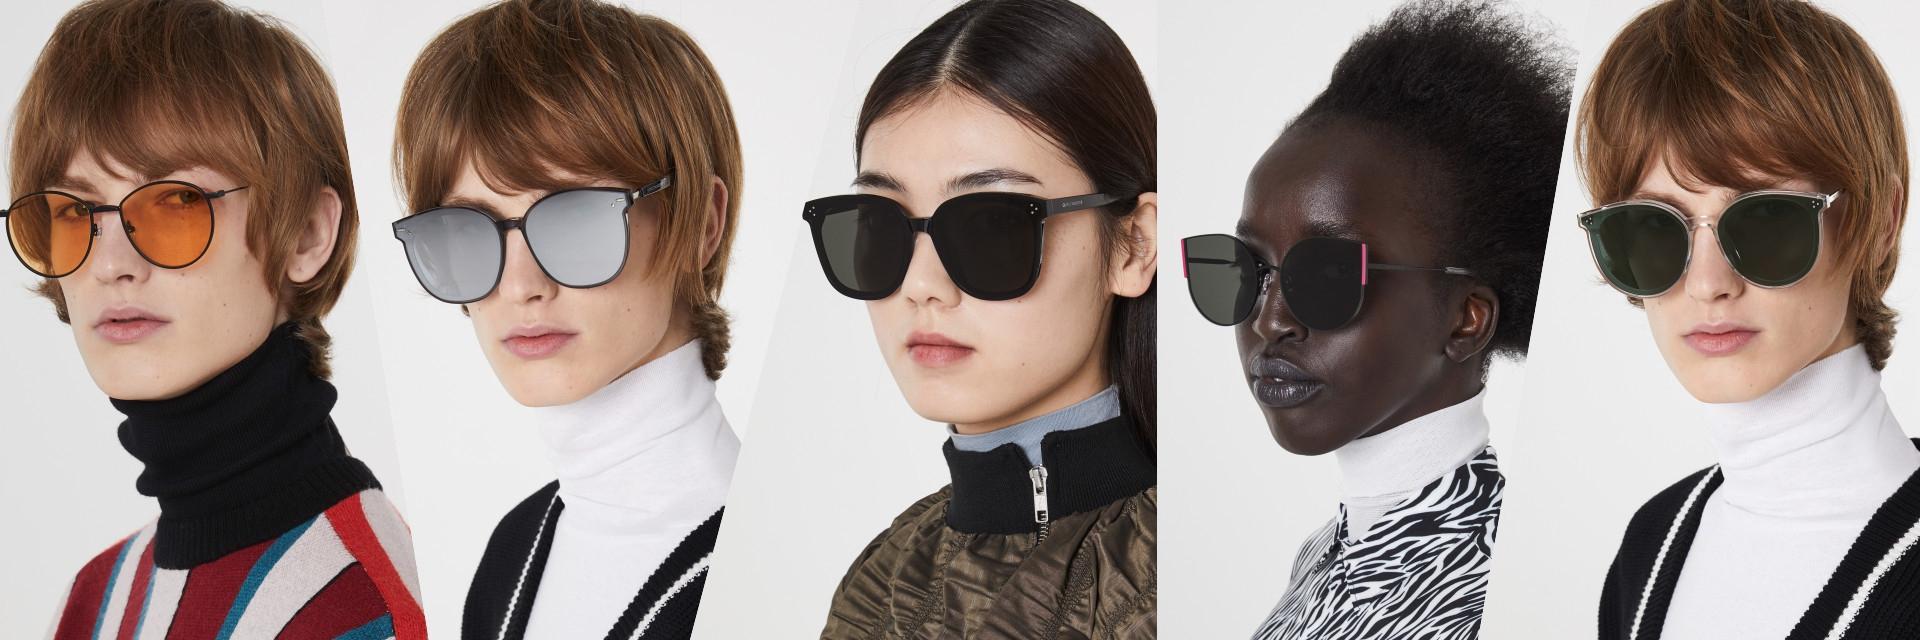 從眼鏡看出隱藏的人格特質「五種眼鏡 X 五種人格」,讓你用眼鏡就看穿對方!